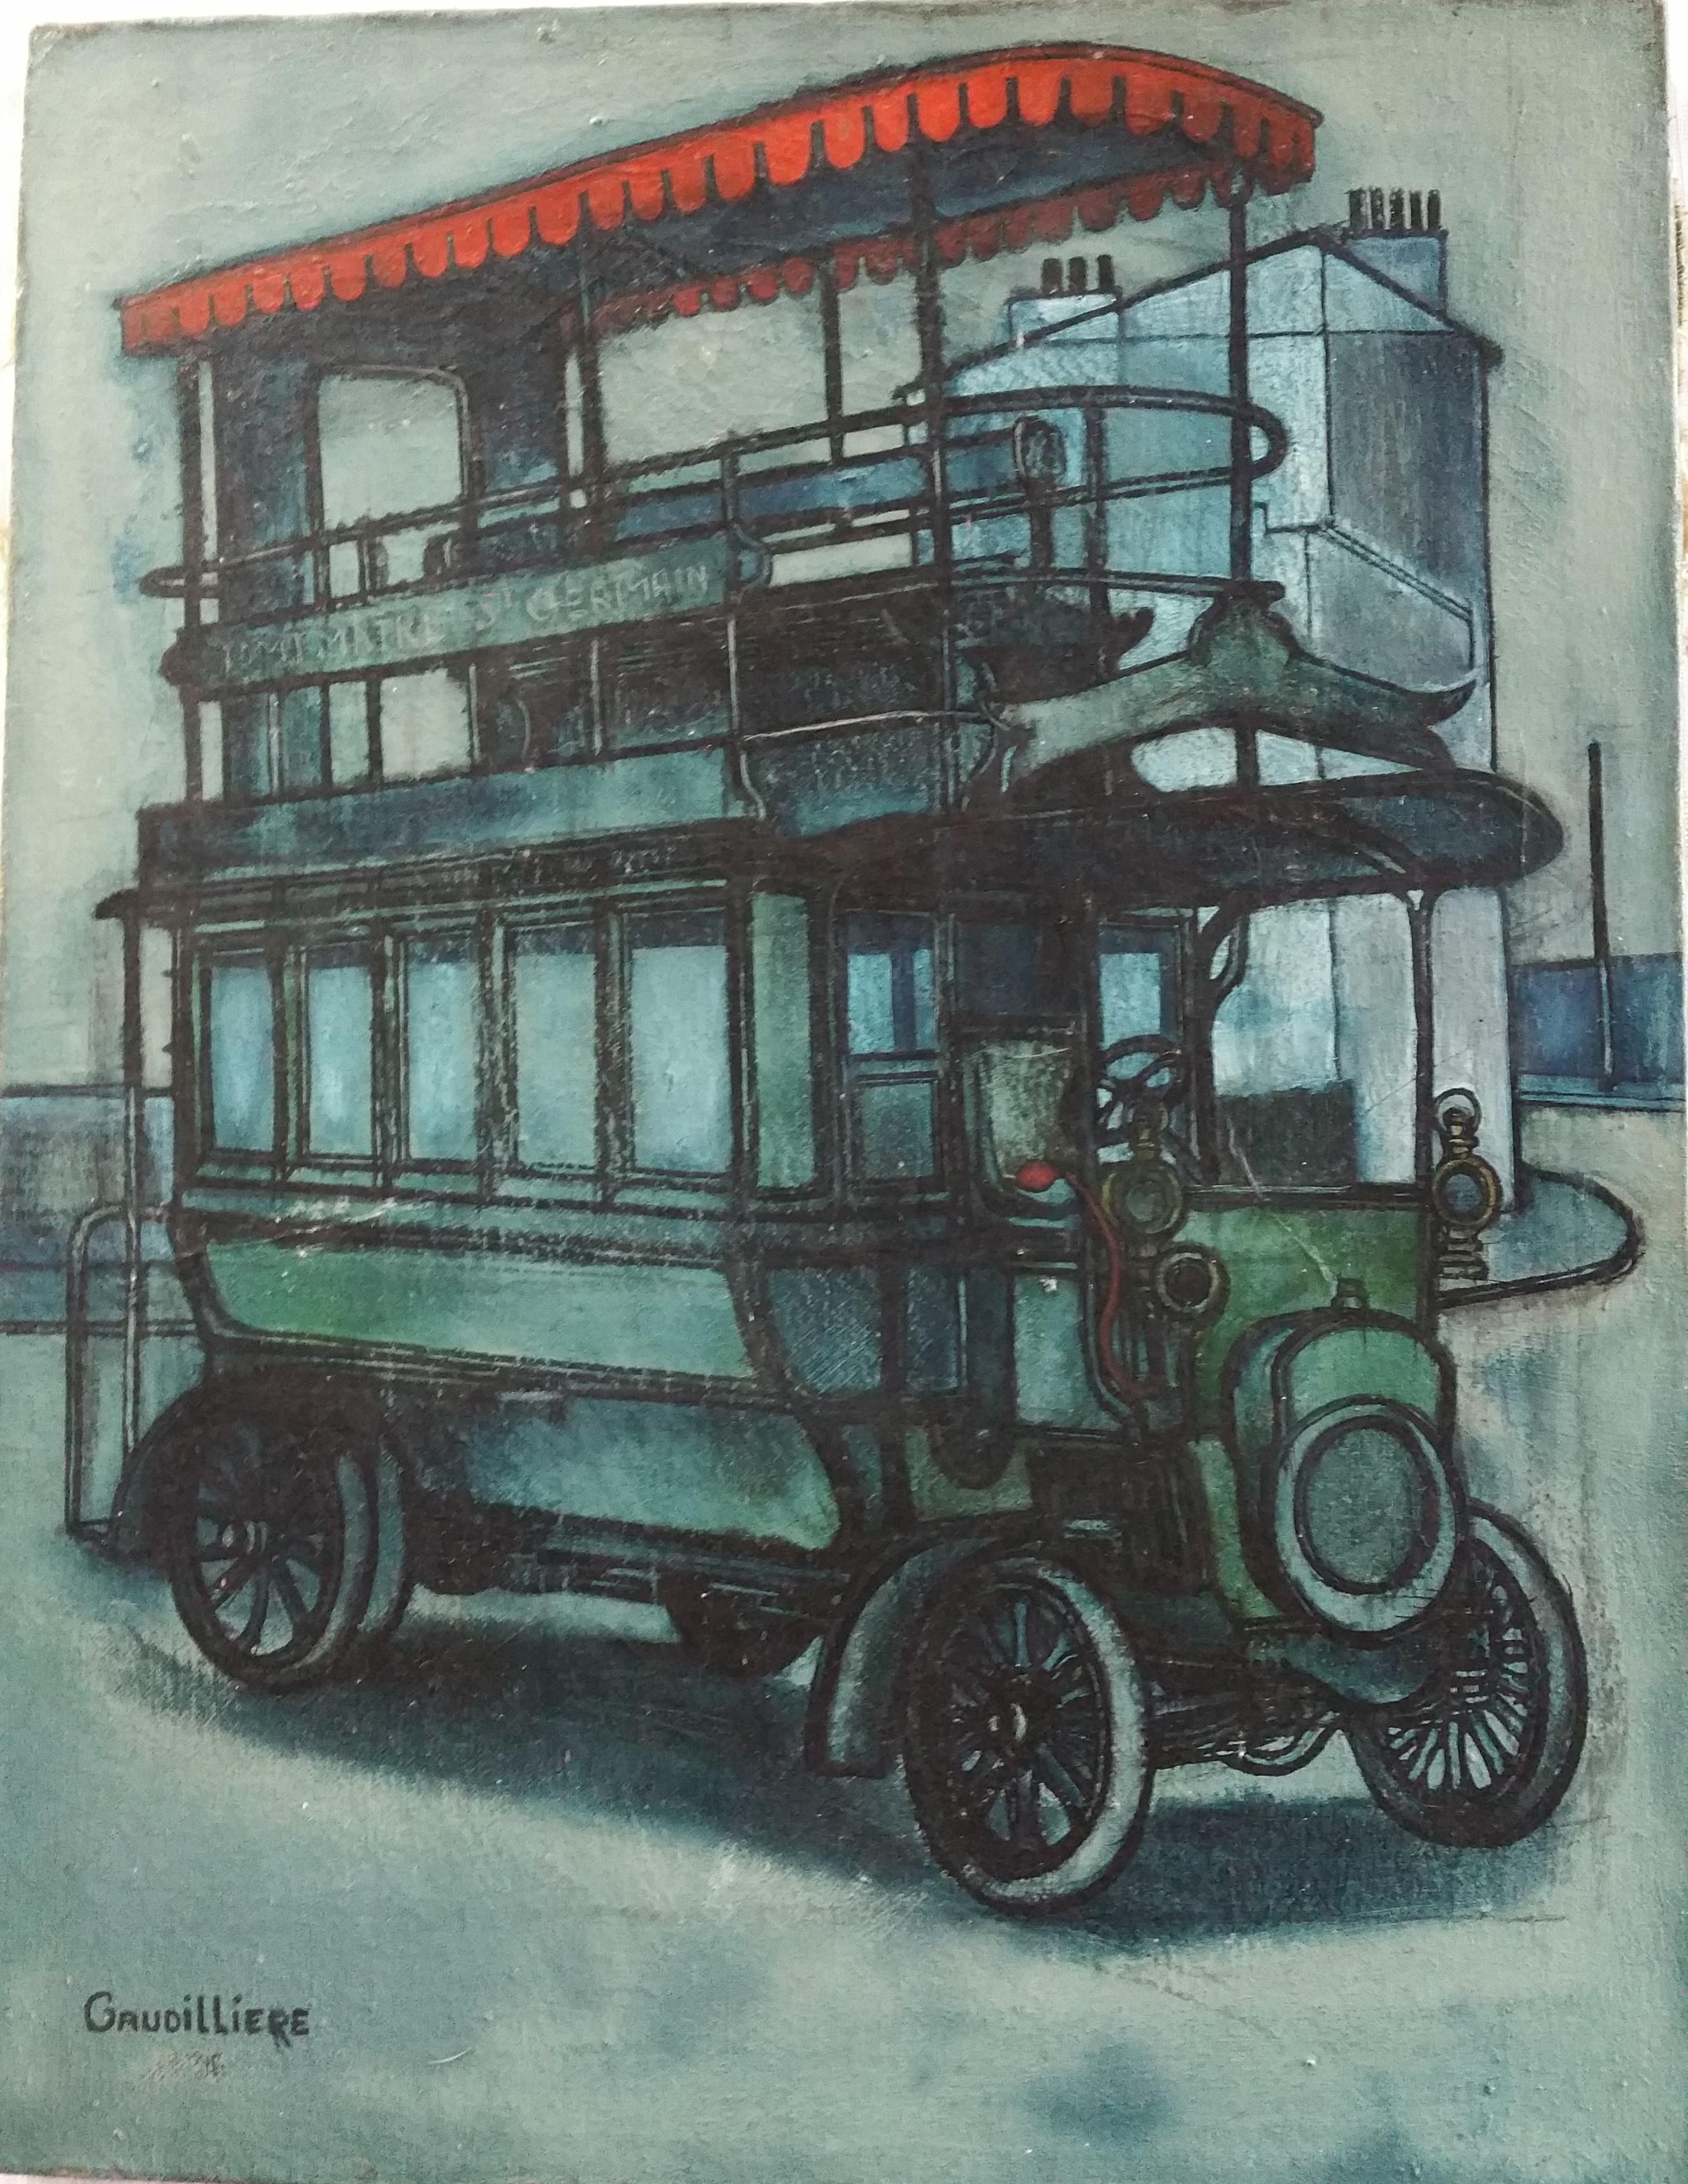 1955 l'impérial Montmartre-St Germain 0,35-0,27 toile roland gaudillière